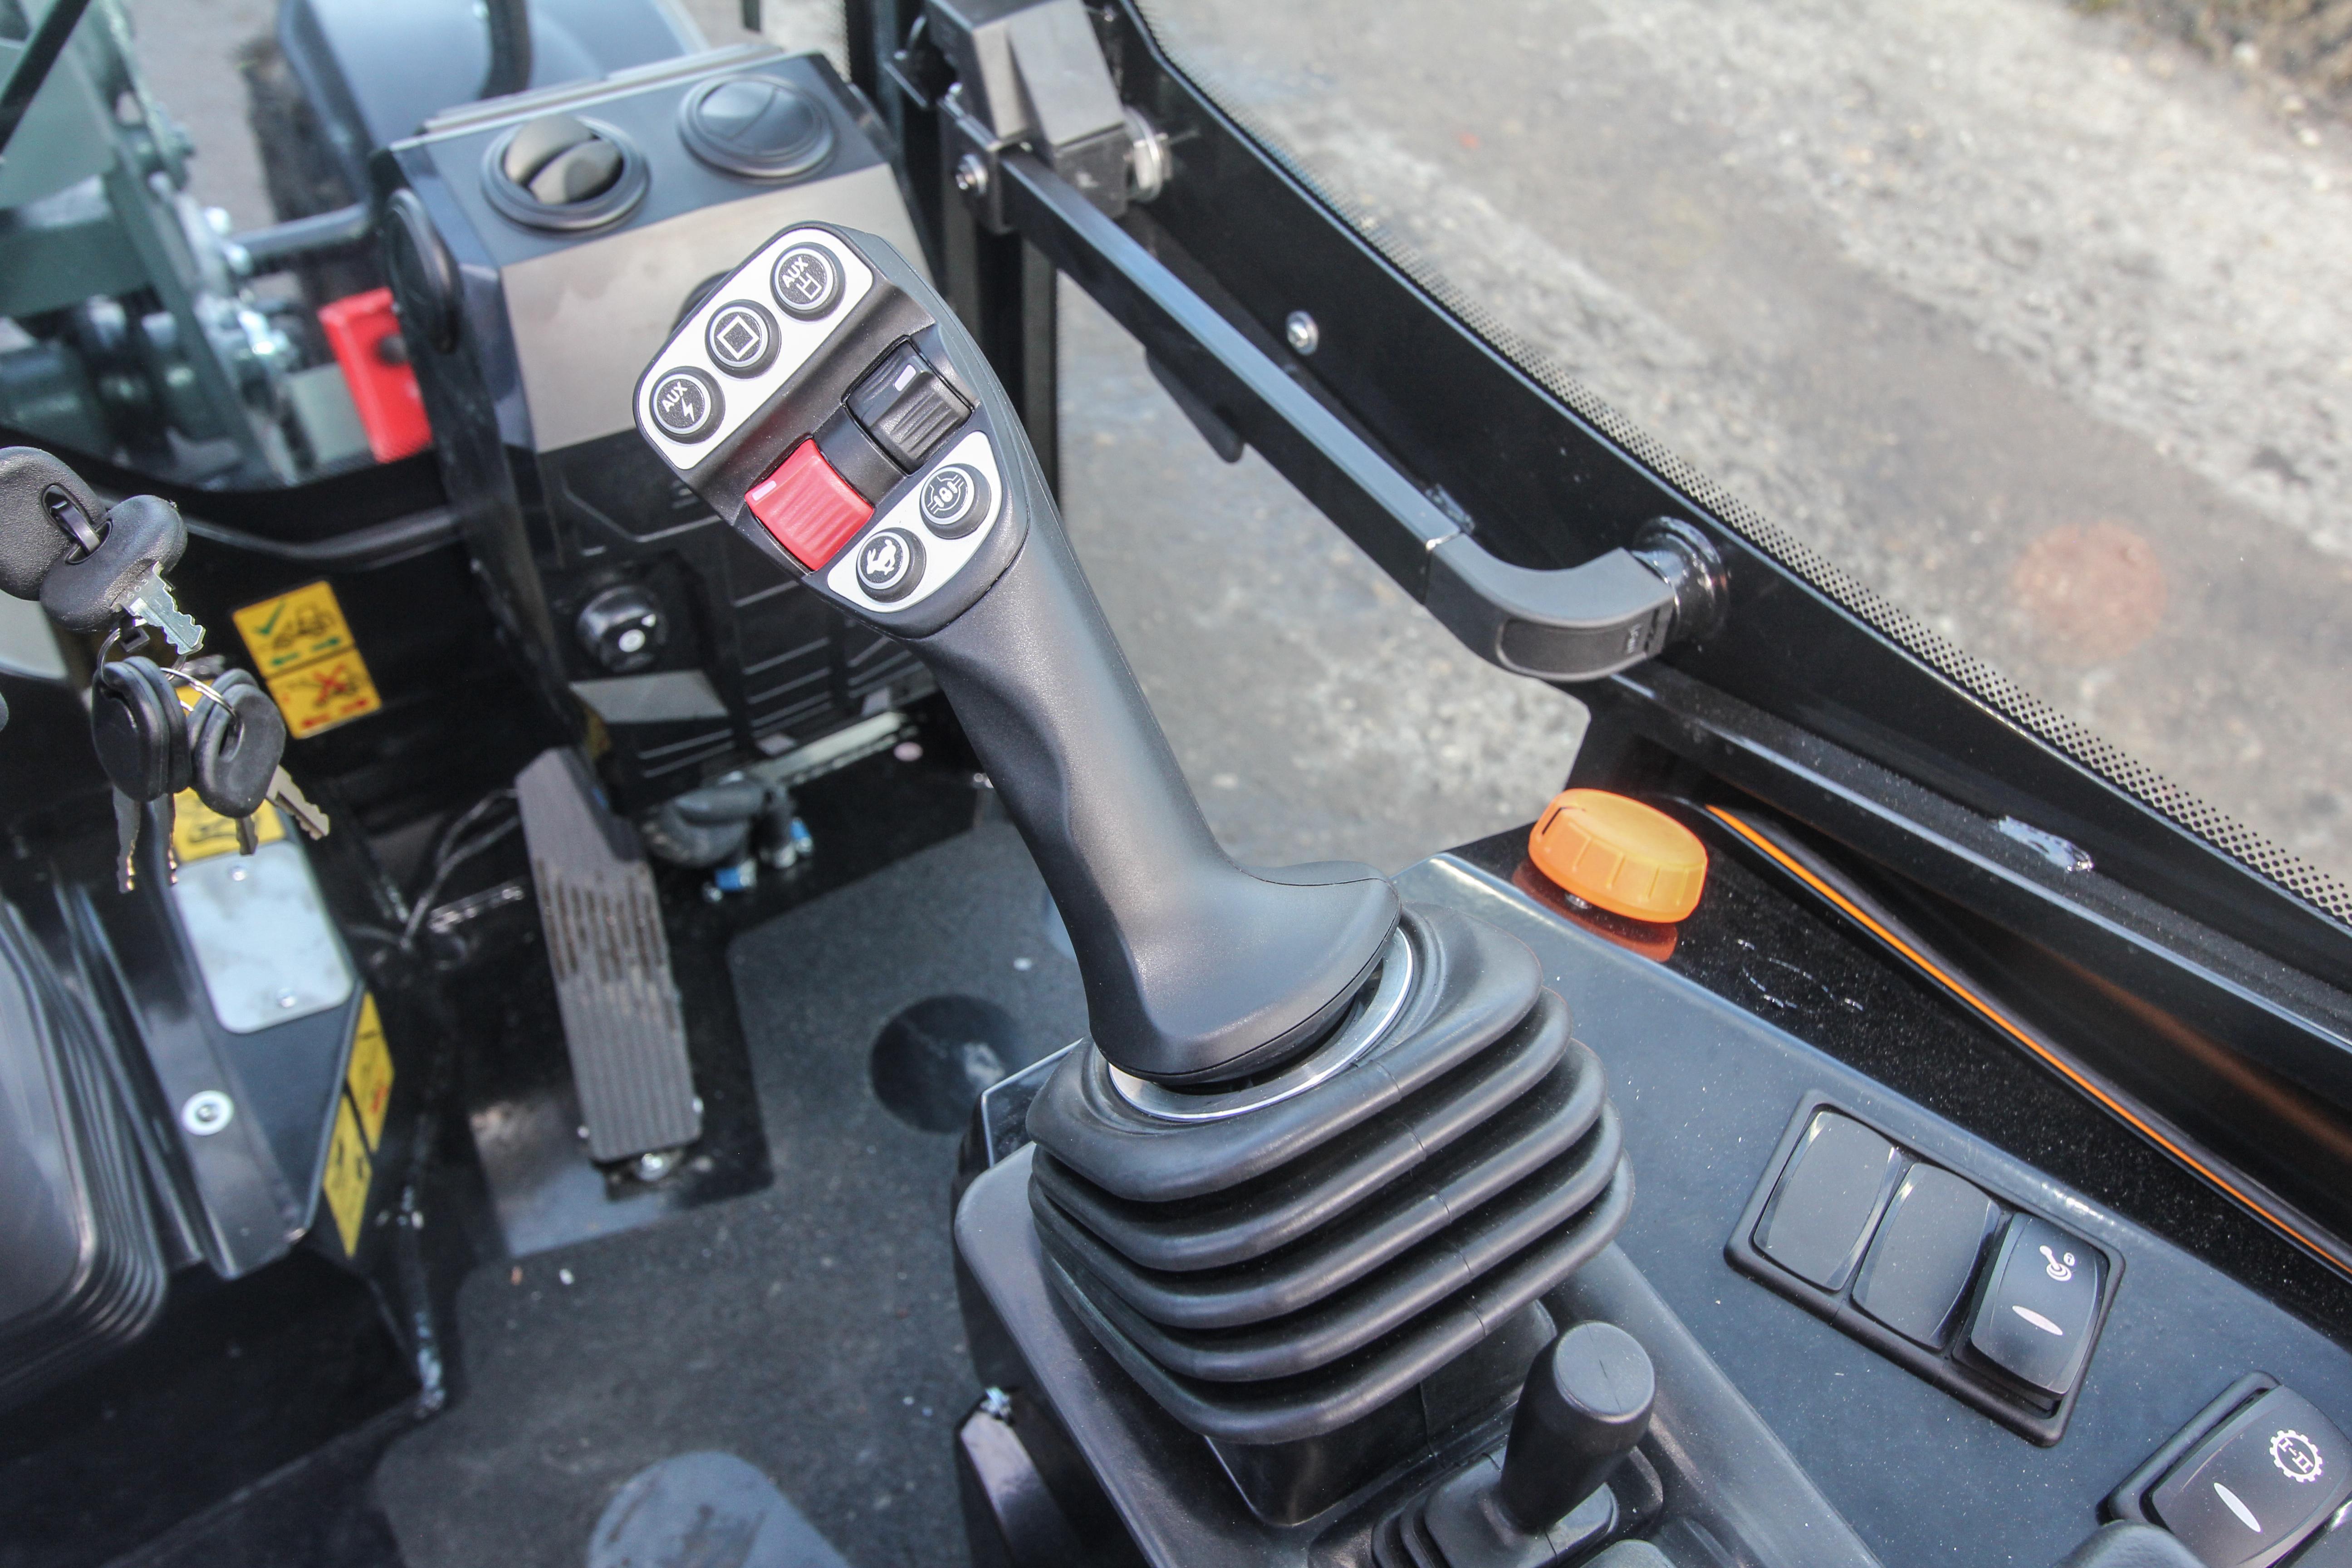 <p>De nieuwe stick herbergt onder andere een schuifje voor een proportionele functie (rechts) én een schuifje met vasthoudfunctie op de achterzijde van de stick. </p>